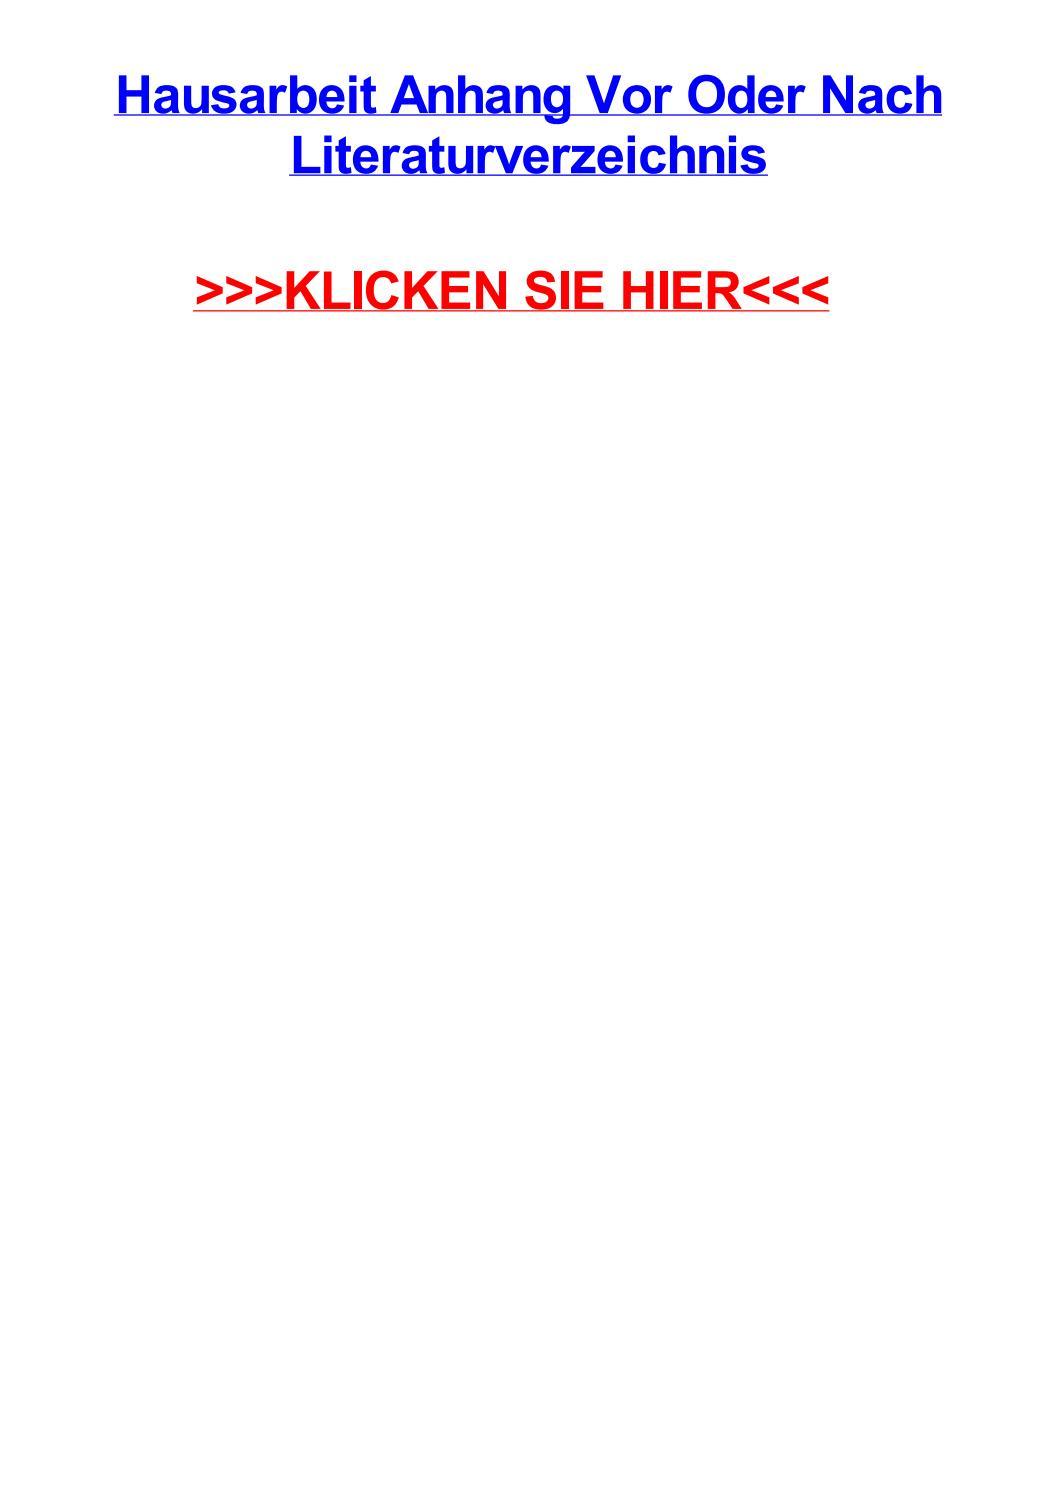 Hausarbeit Anhang Vor Oder Nach Literaturverzeichnis By Beckycdtf